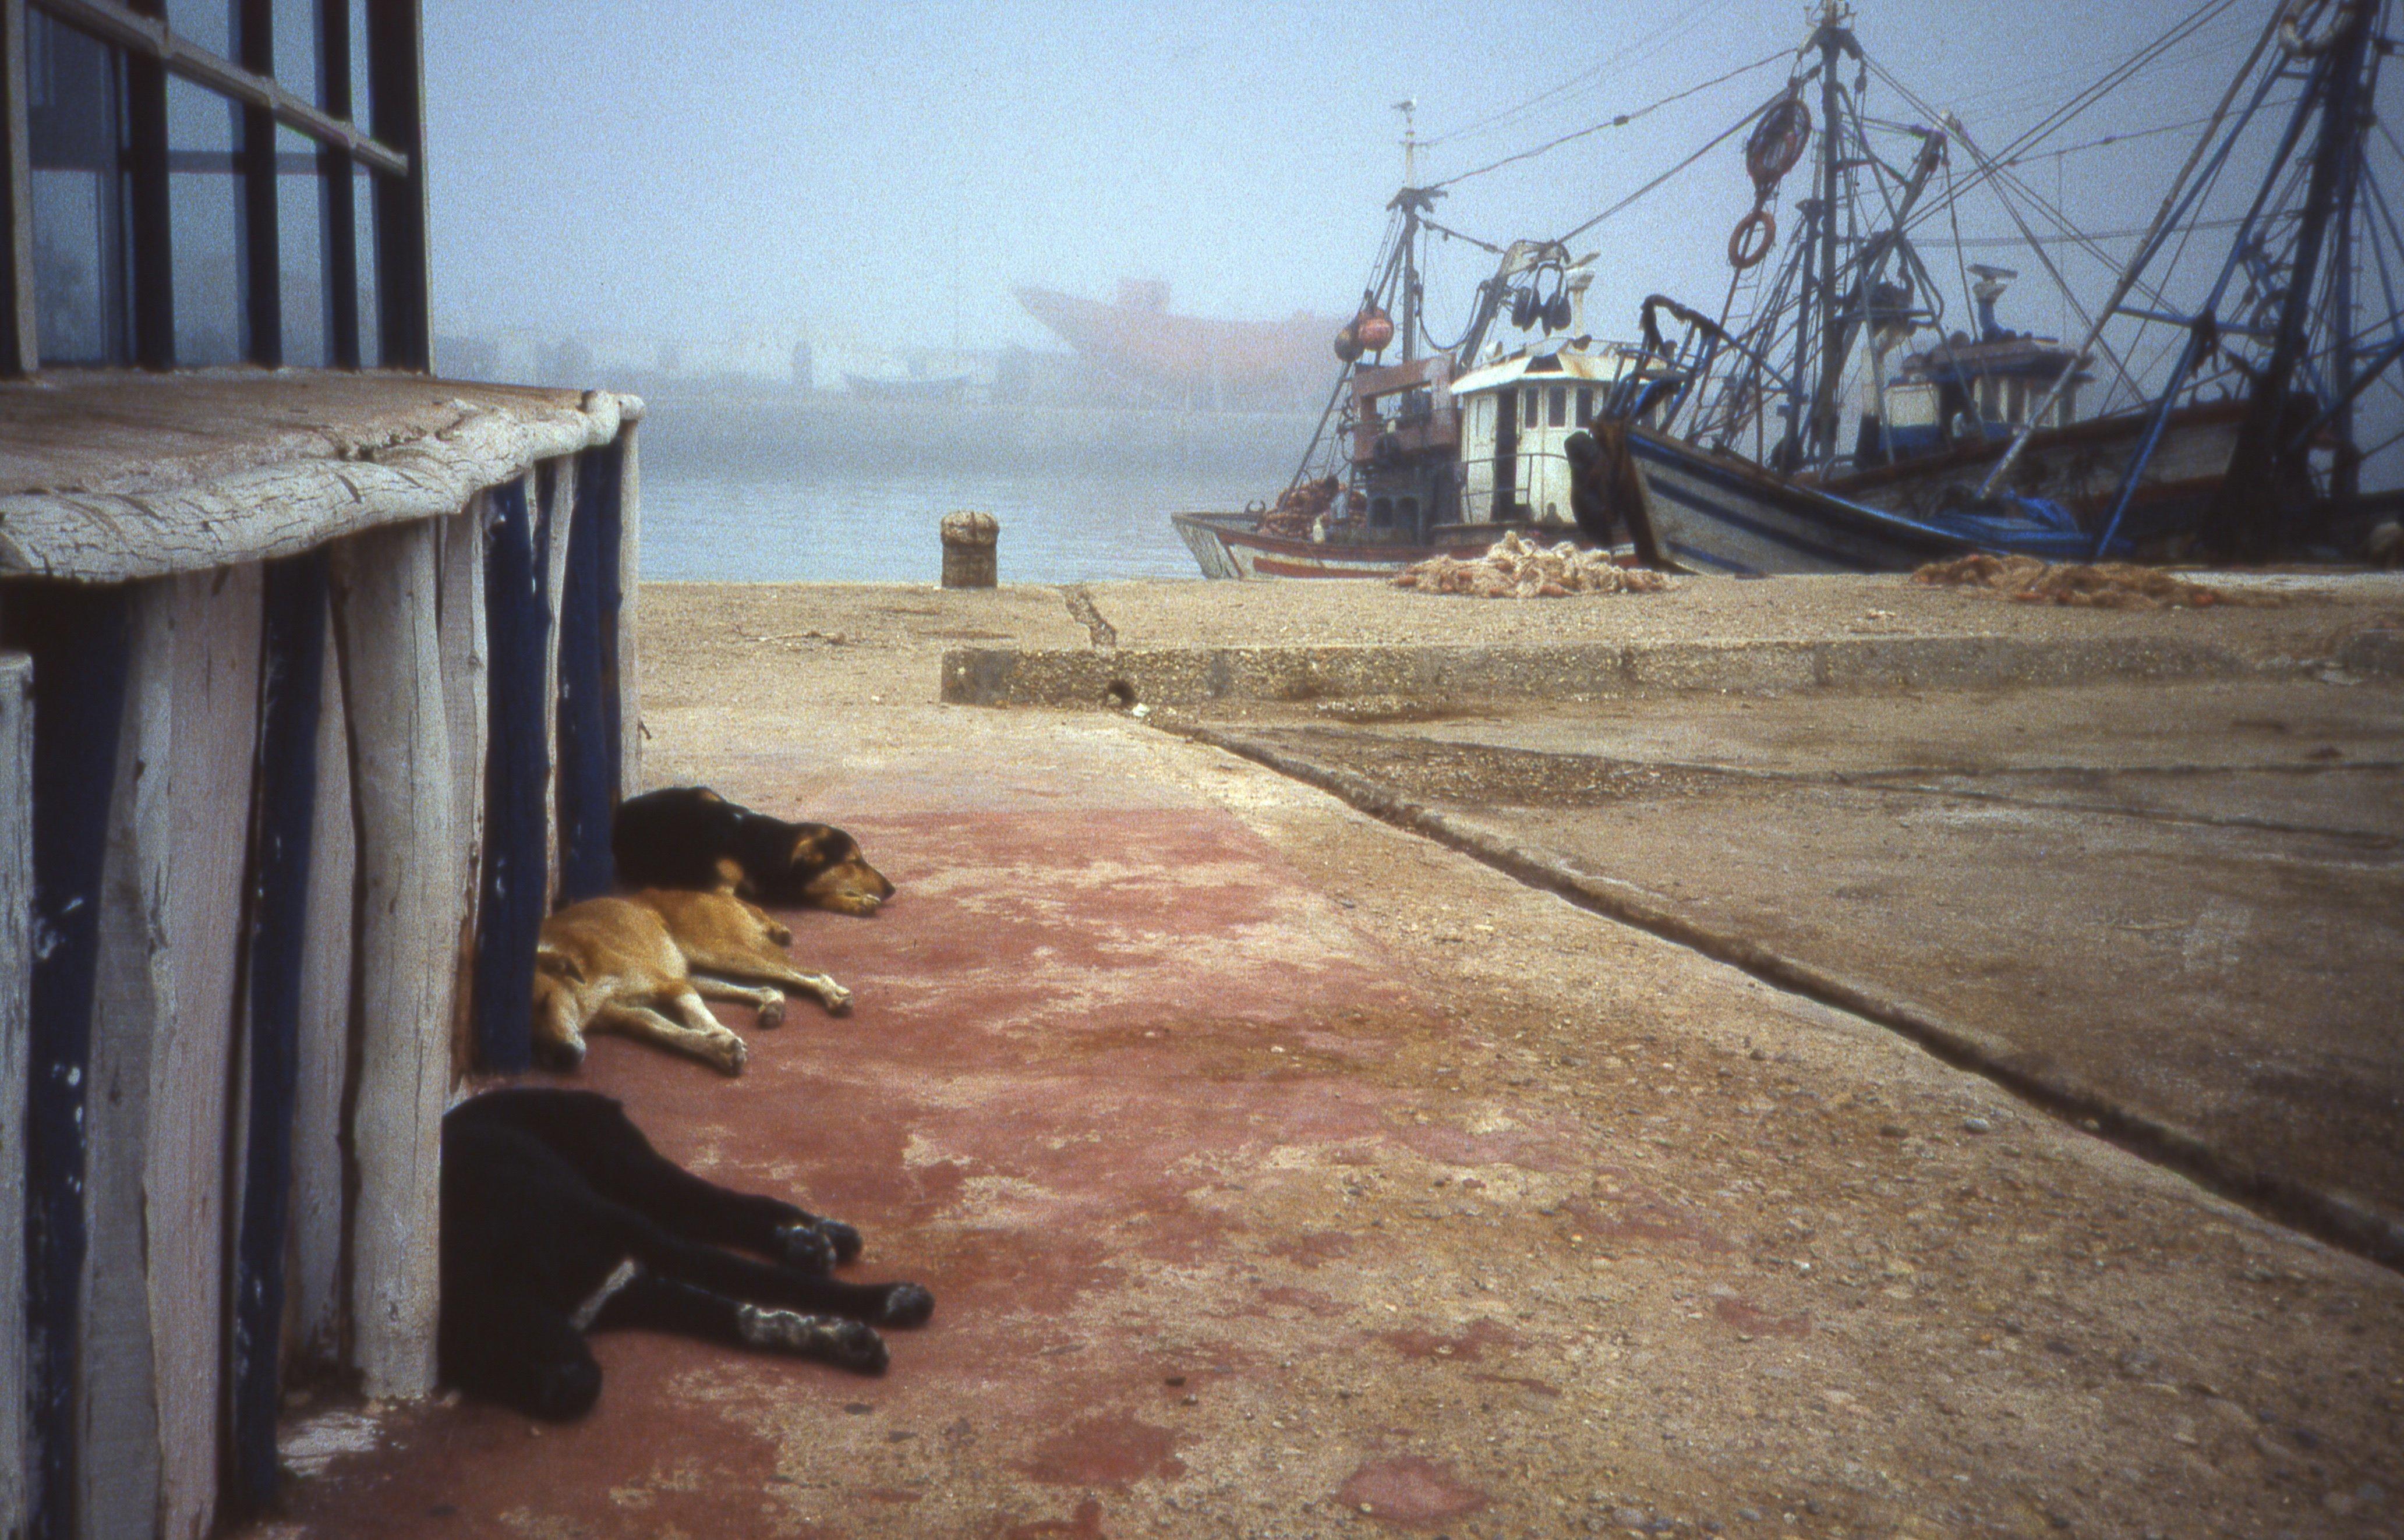 Des chiens abattus près d'Agadir avant le passage de la mission de la FIFA?